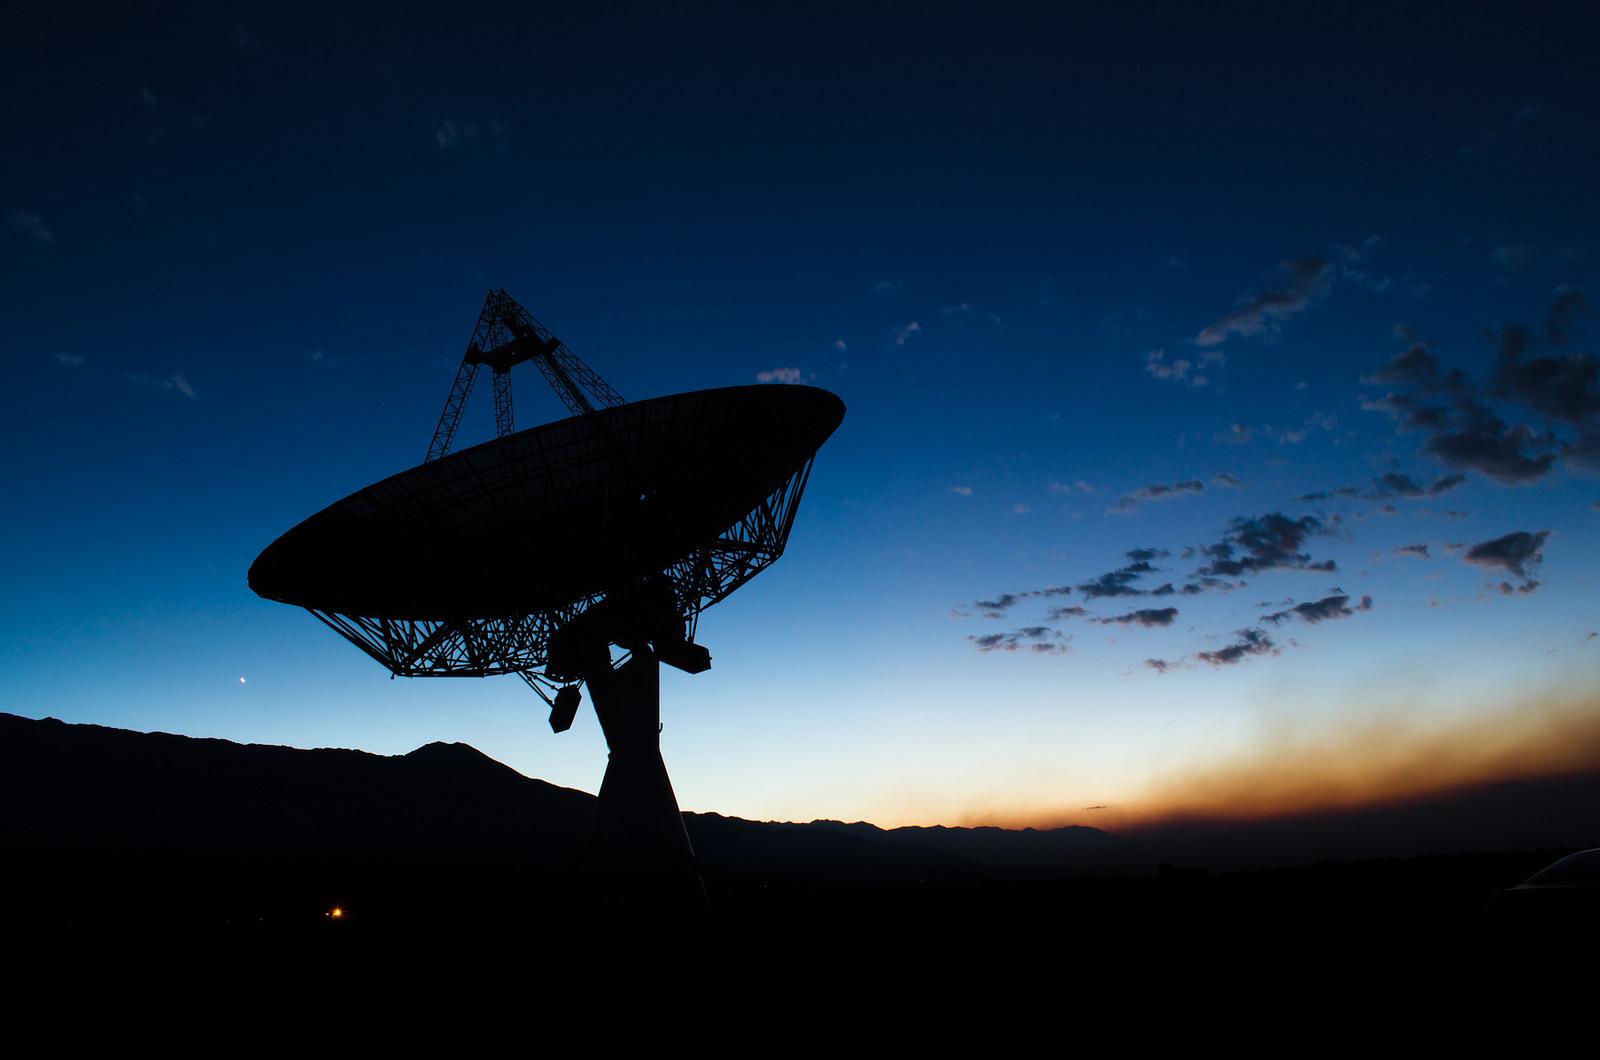 天文学者 ~ 近くの現実、遠くの未来